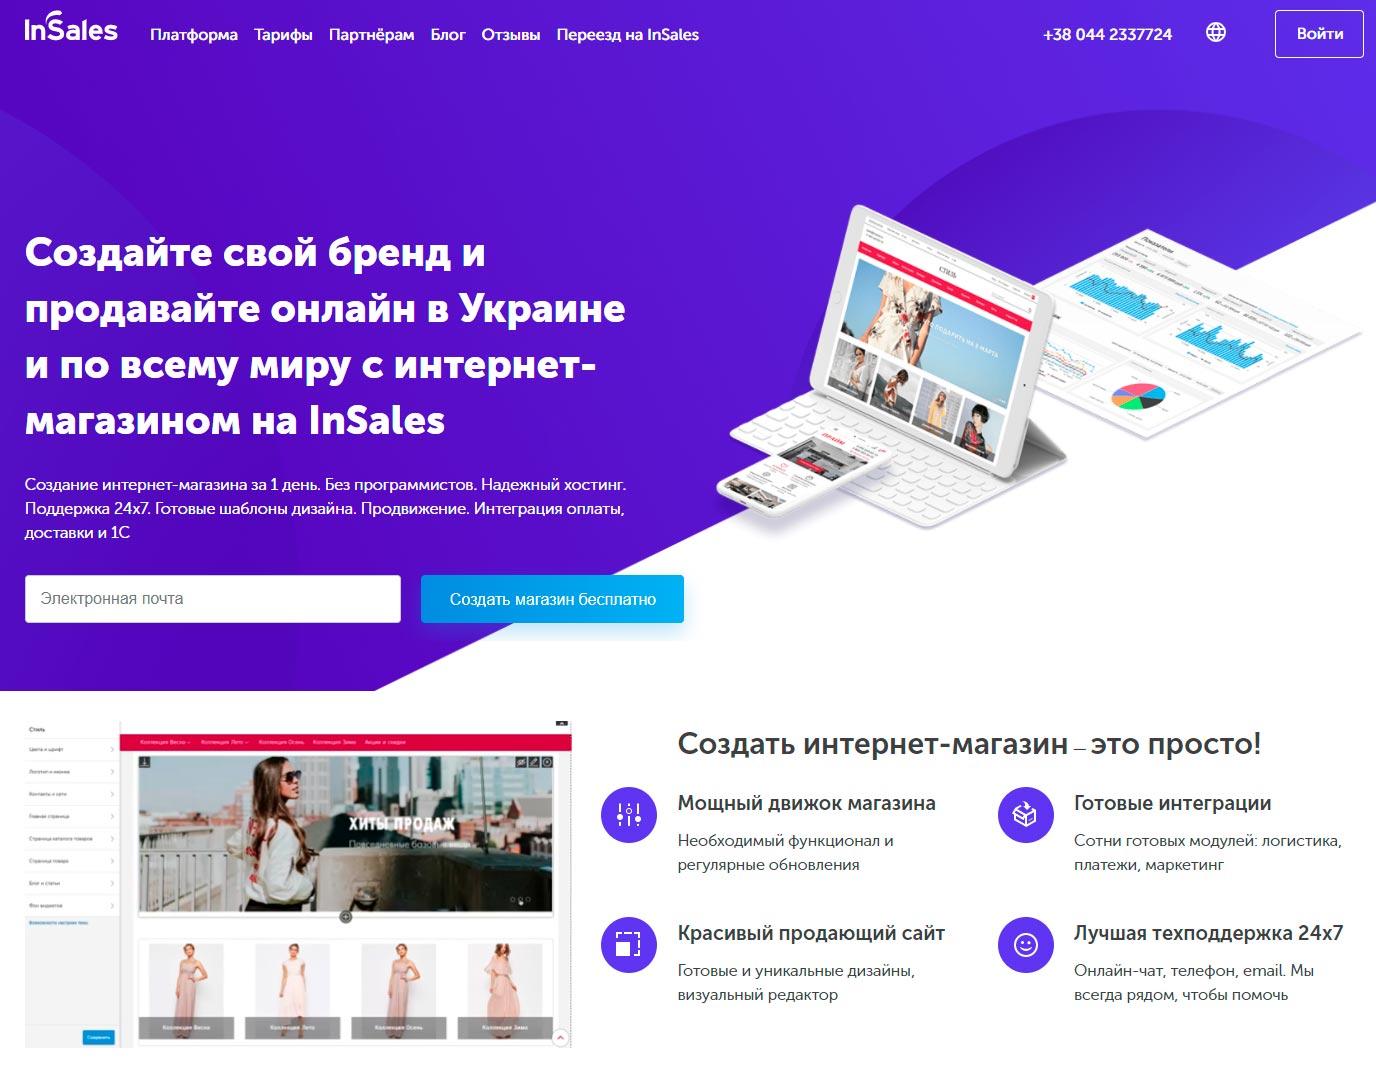 InSales - обзор компании, услуги, отзывы, клиенты, Фото № 1 - google-seo.pro